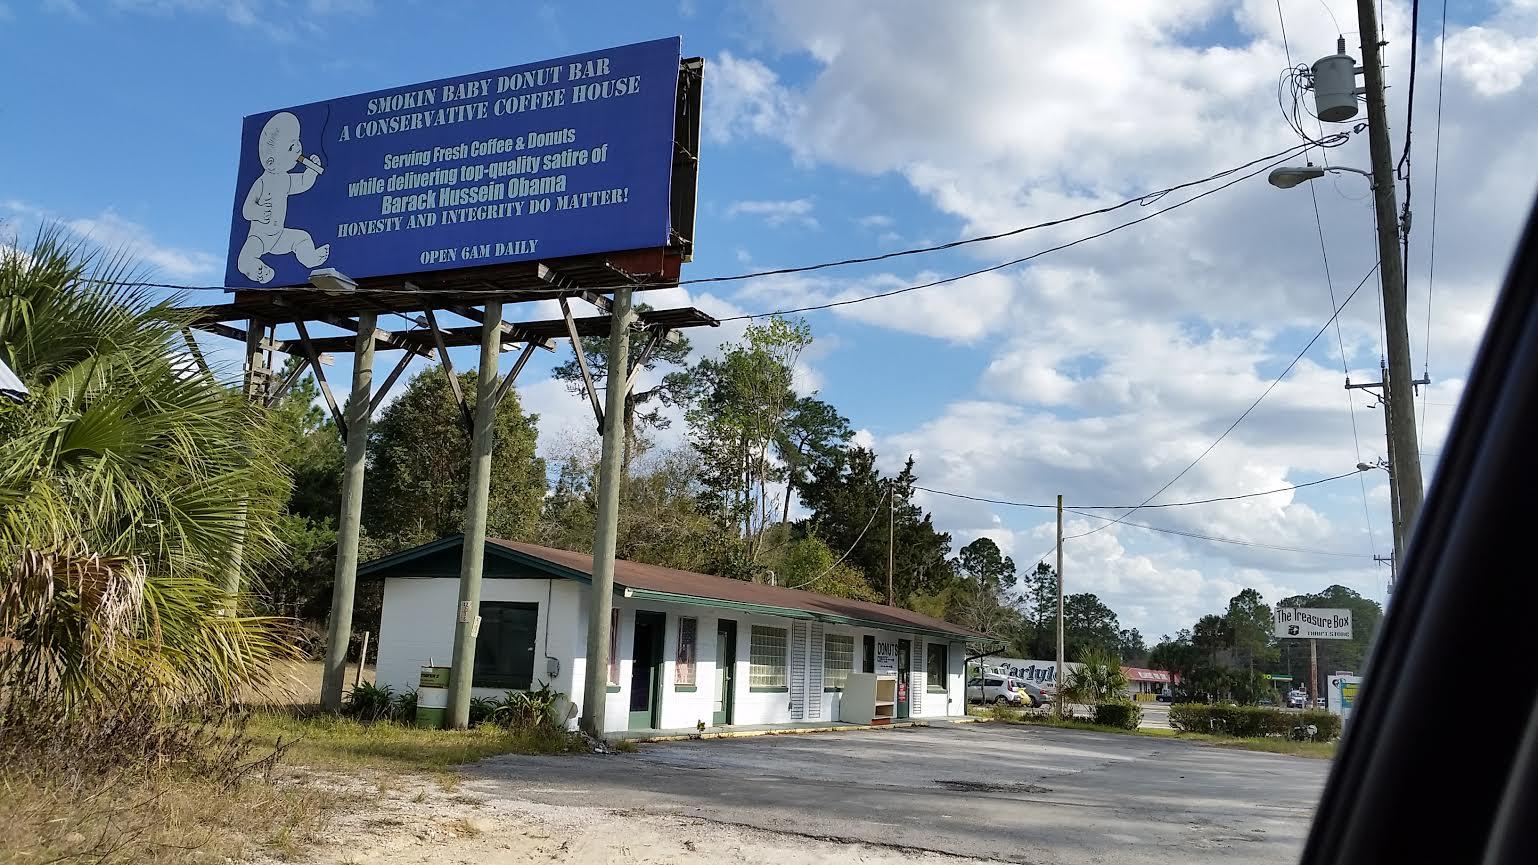 Smokin Baby Donut Bar Billboard